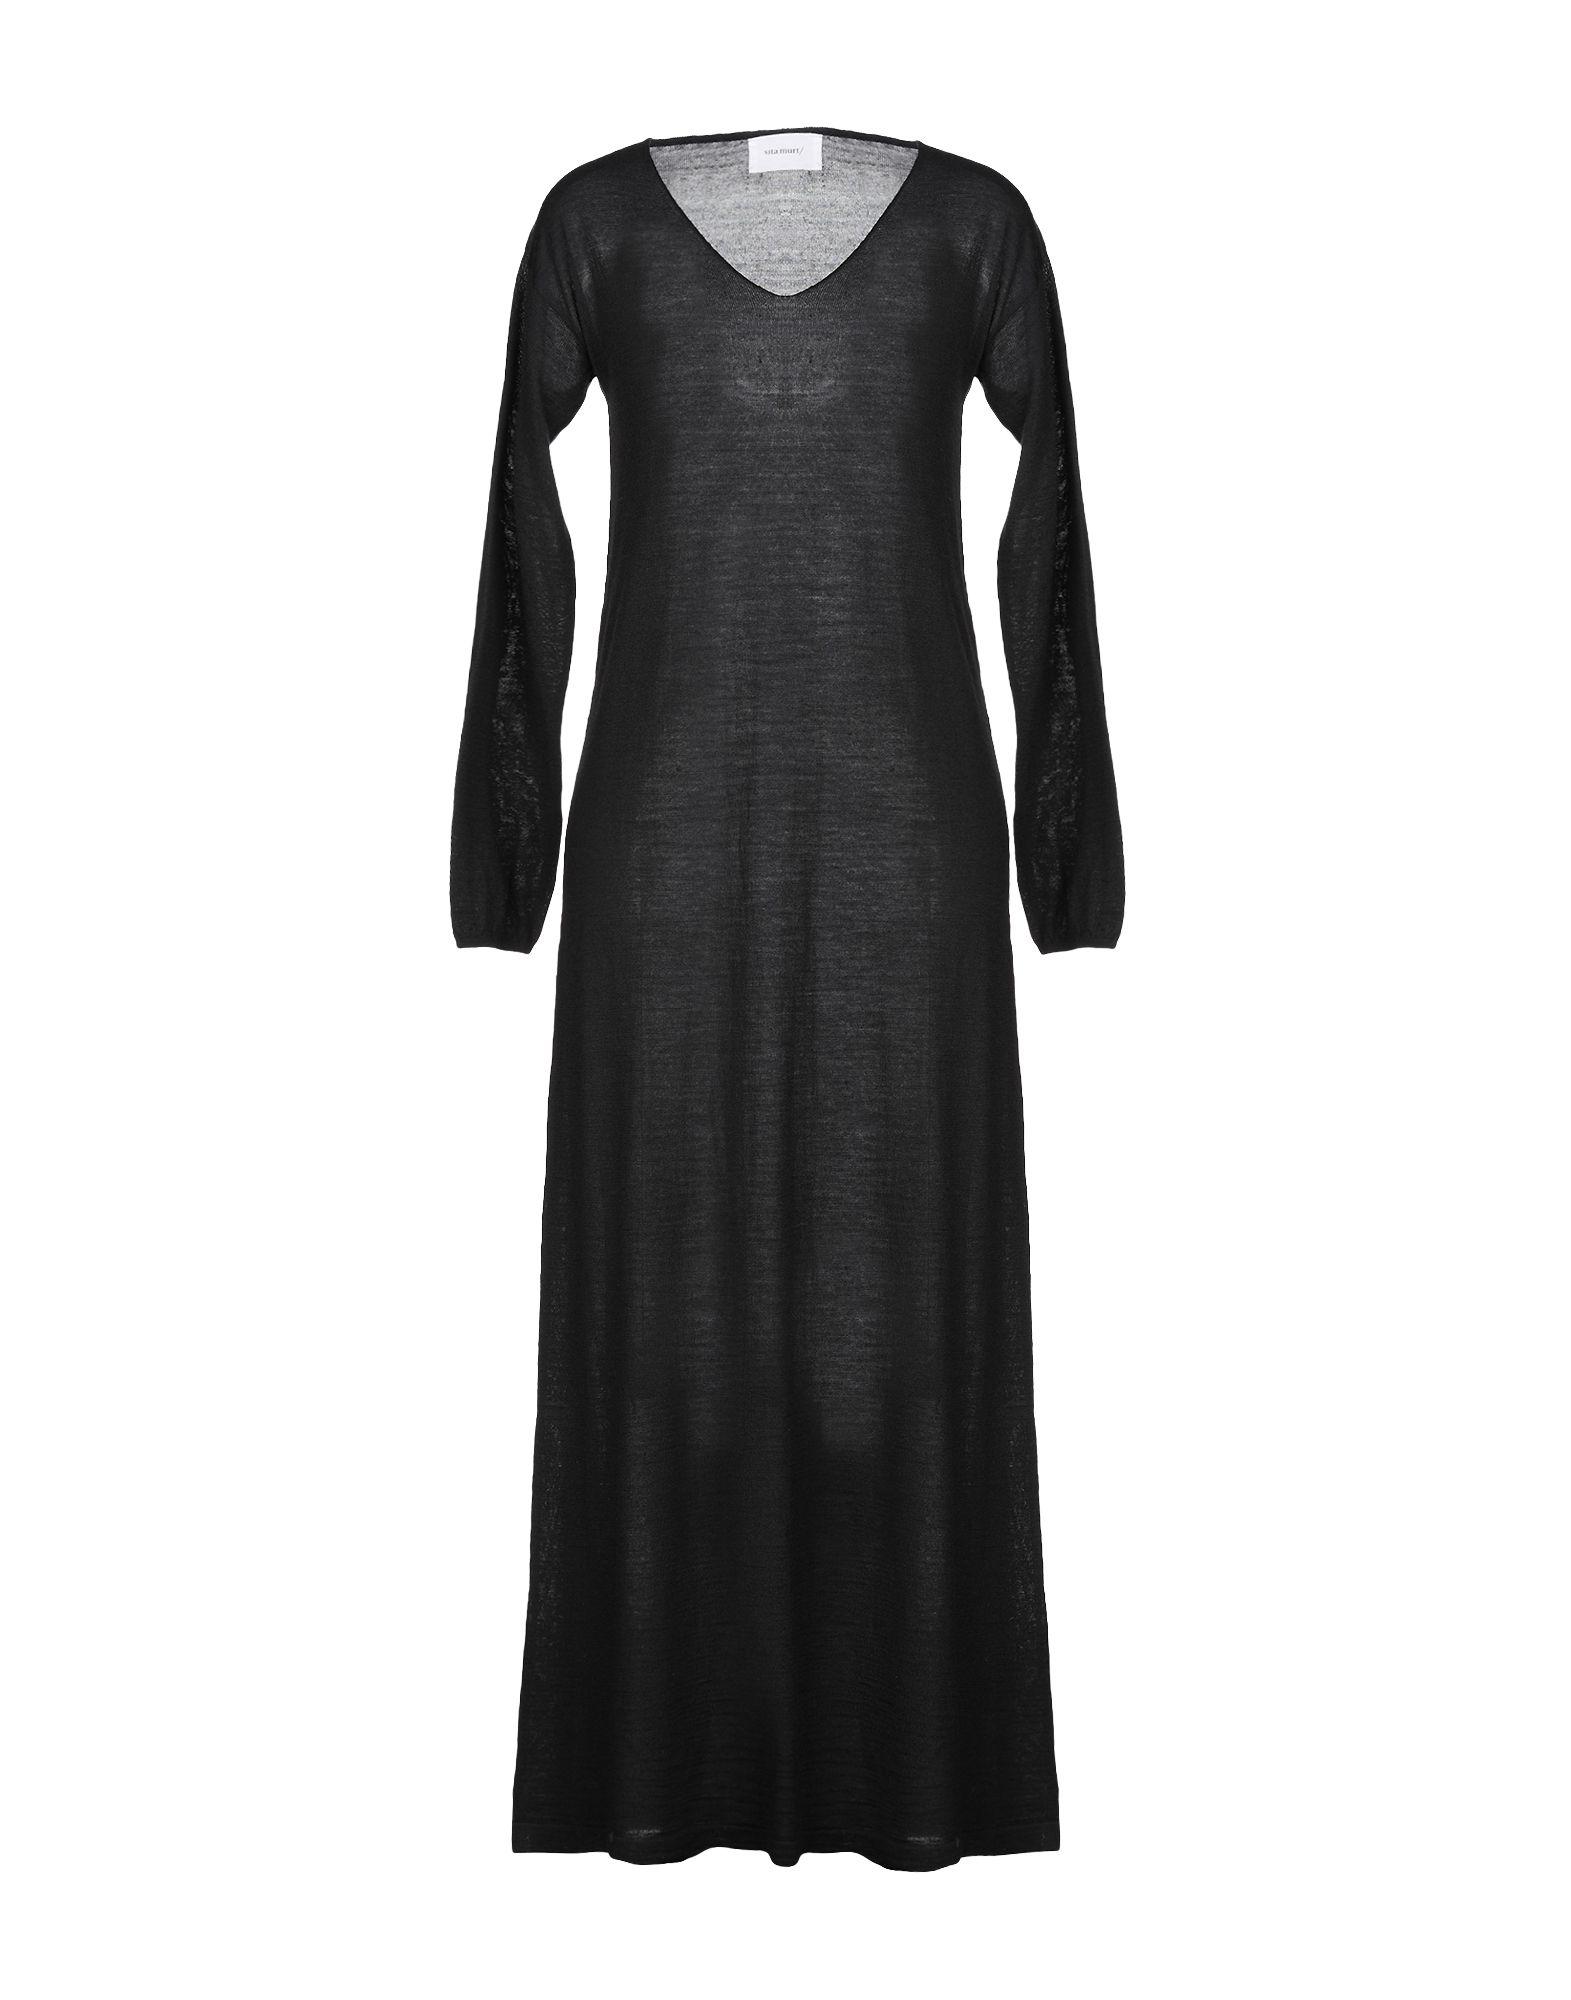 SITA MURT/ Длинное платье